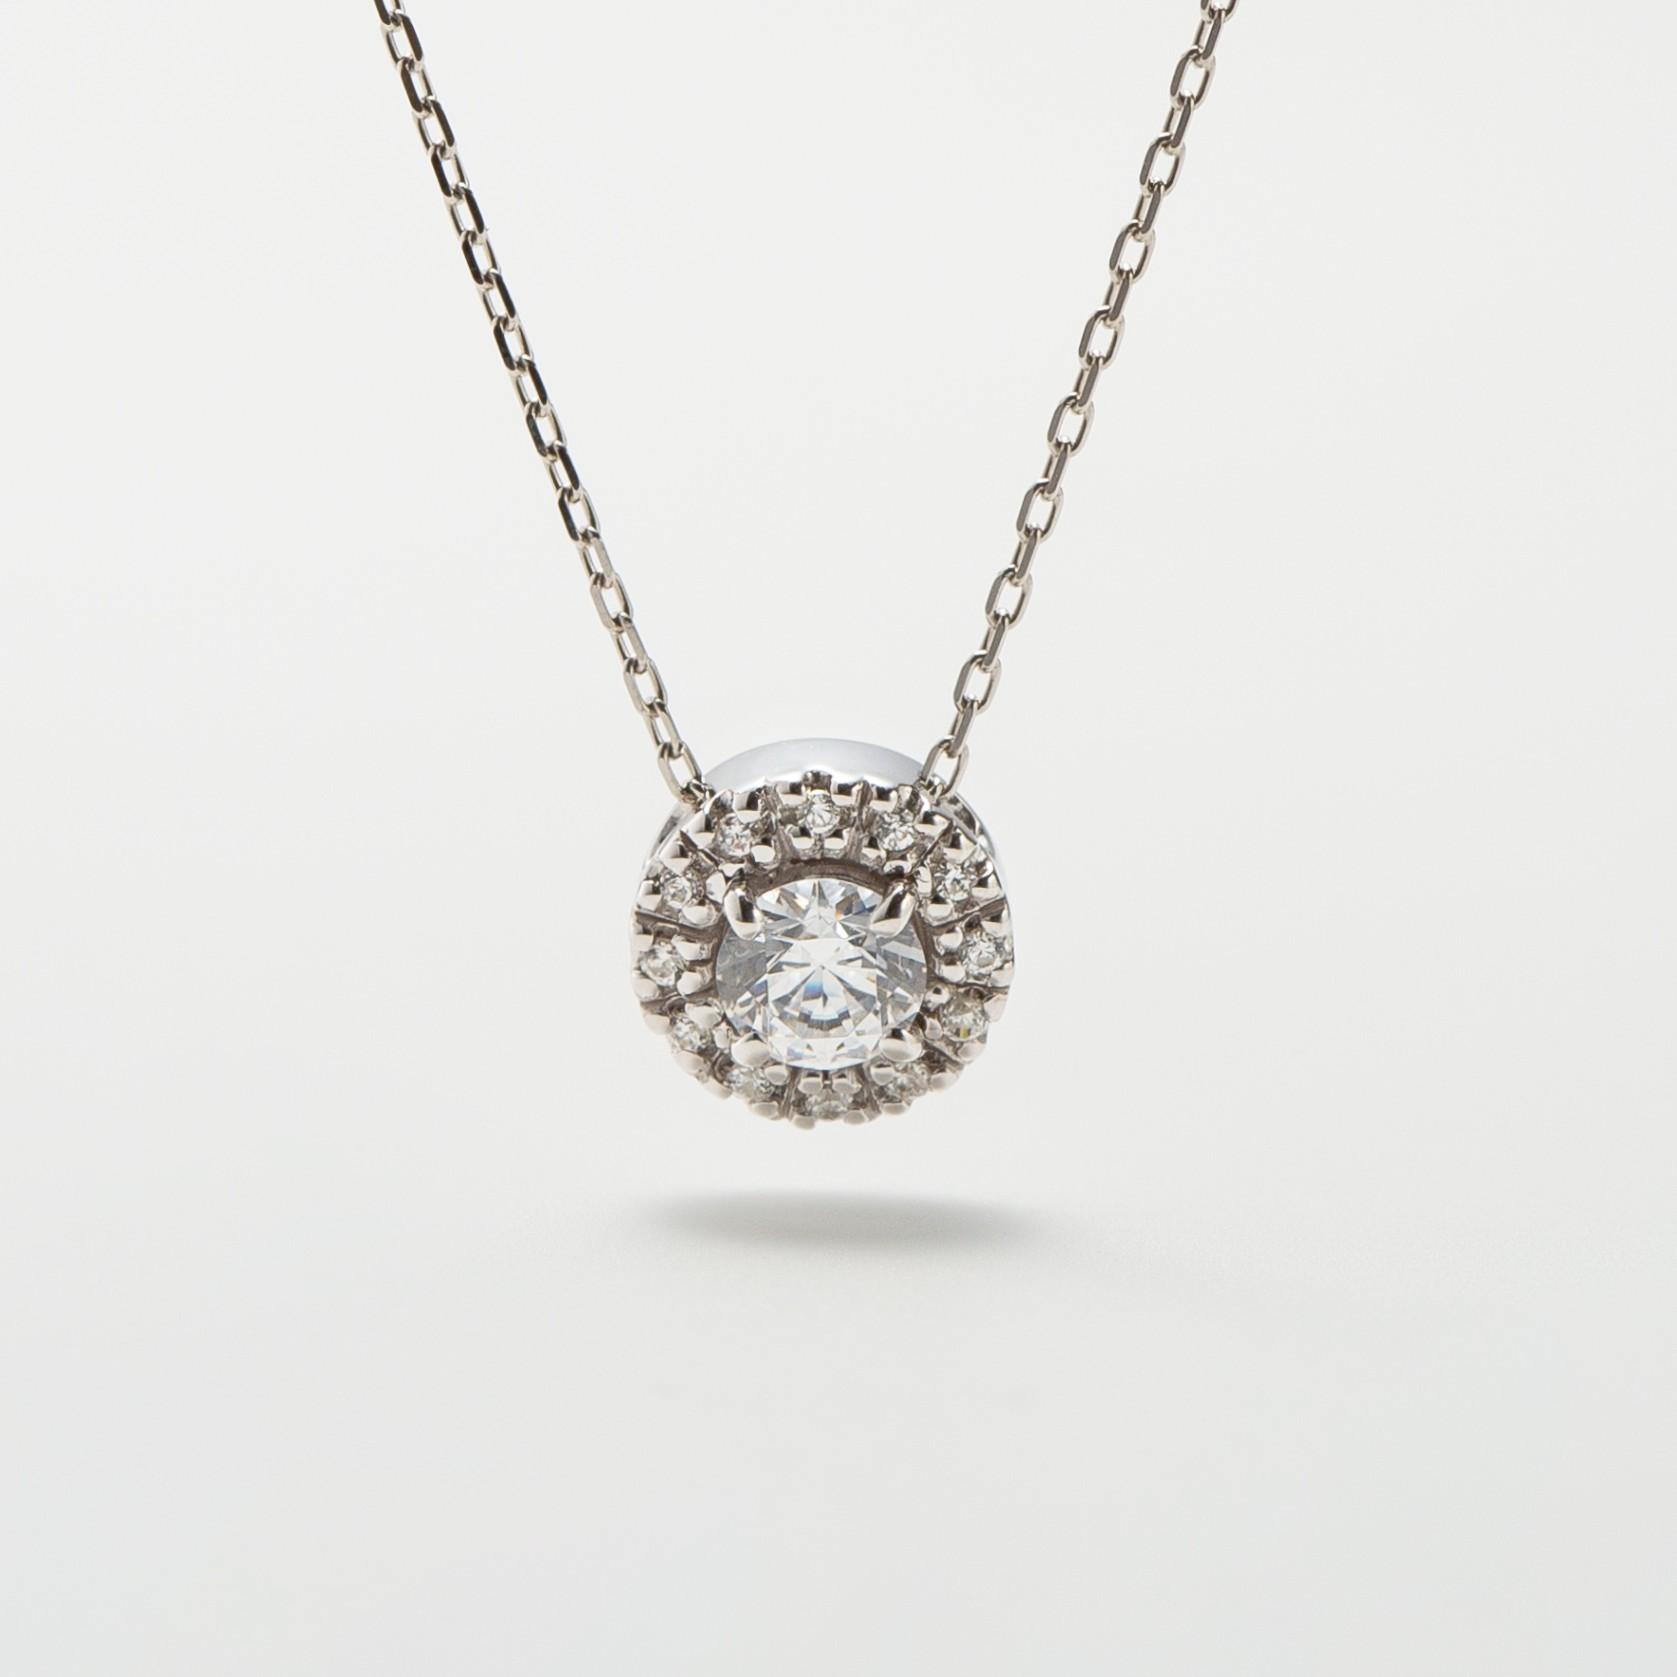 ダイヤモンドを取り巻いた婚約ネックレス